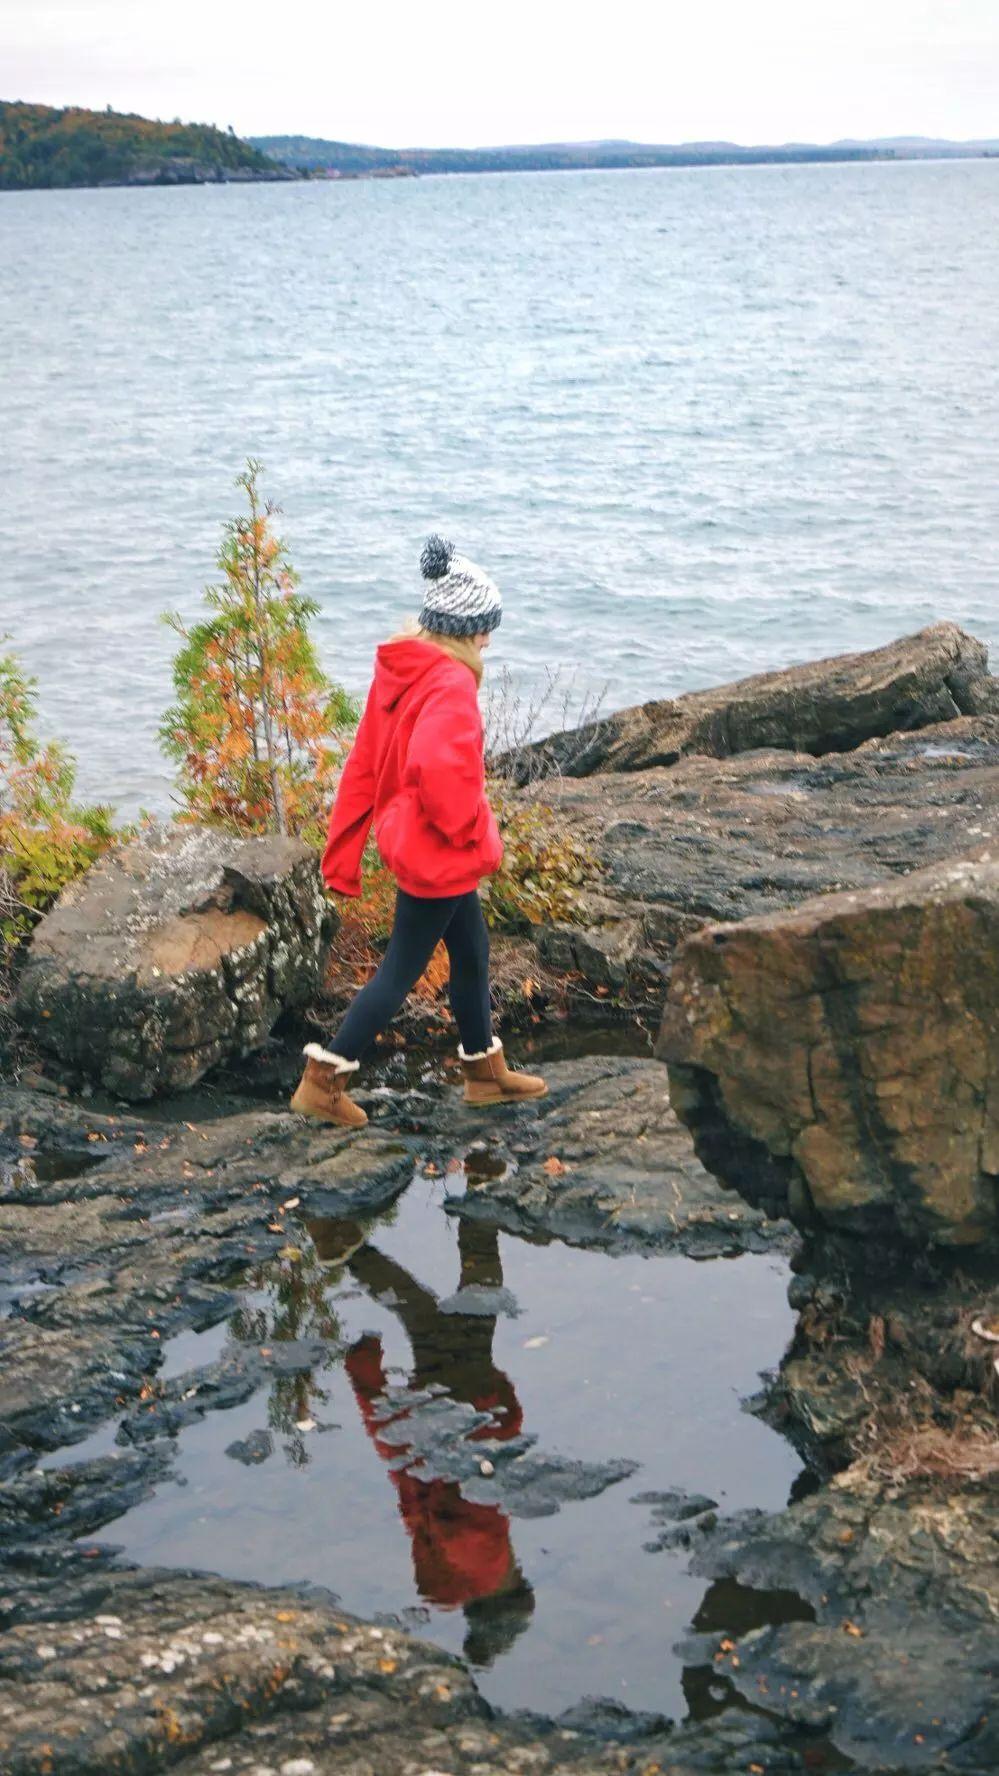 北密归来不看秋 原来北美的绚丽秋景藏在这里 | 全球GO